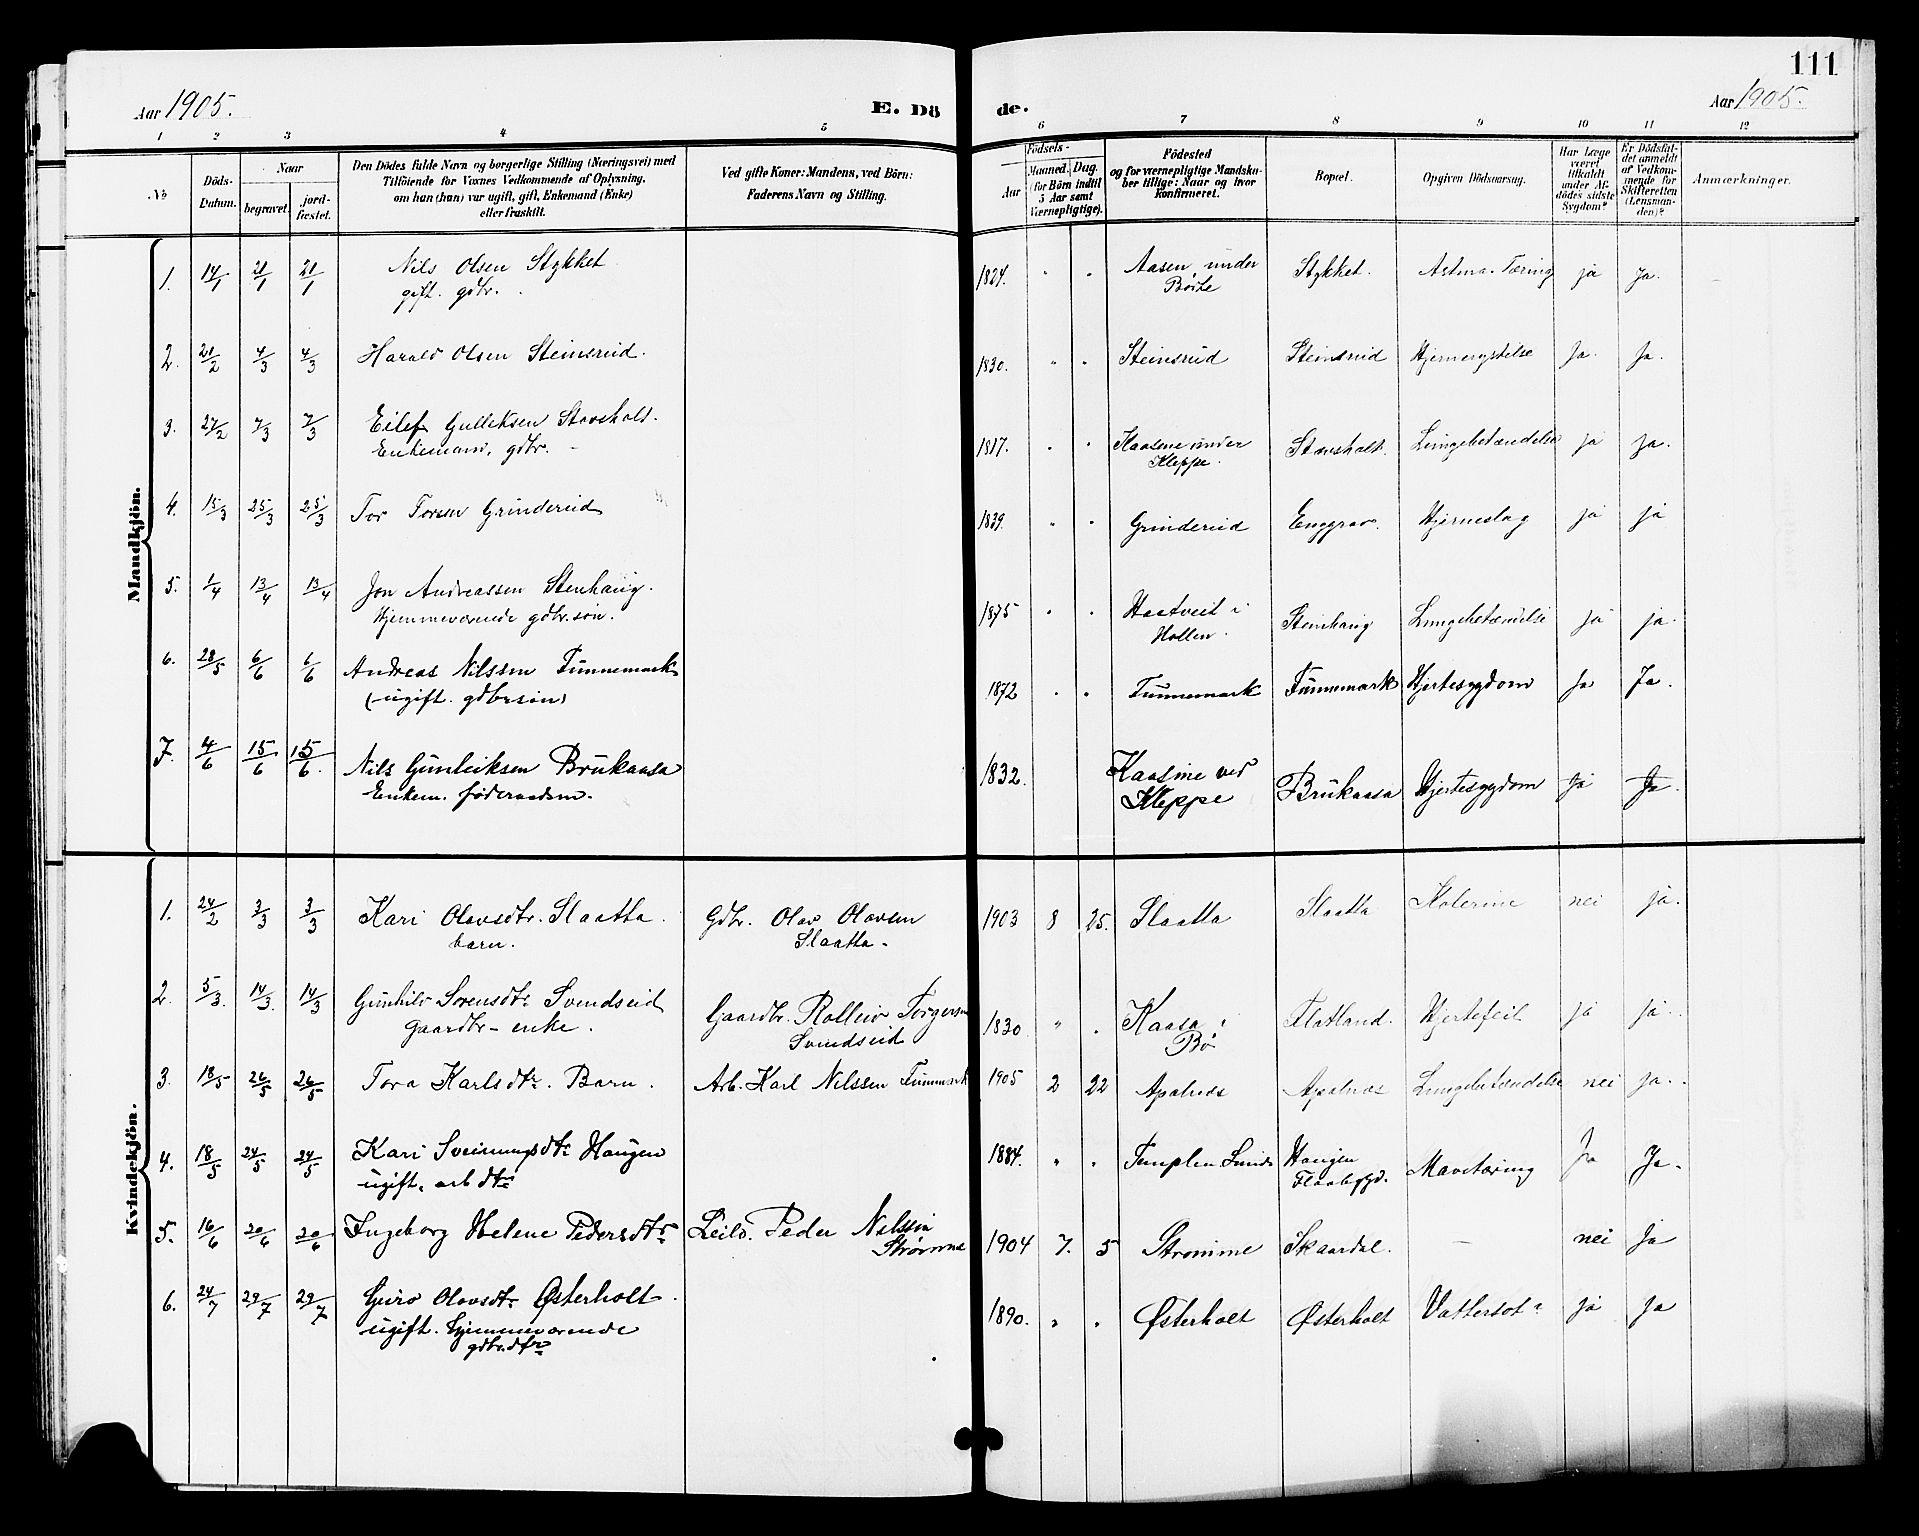 SAKO, Lunde kirkebøker, G/Ga/L0003: Klokkerbok nr. I 3, 1896-1905, s. 111